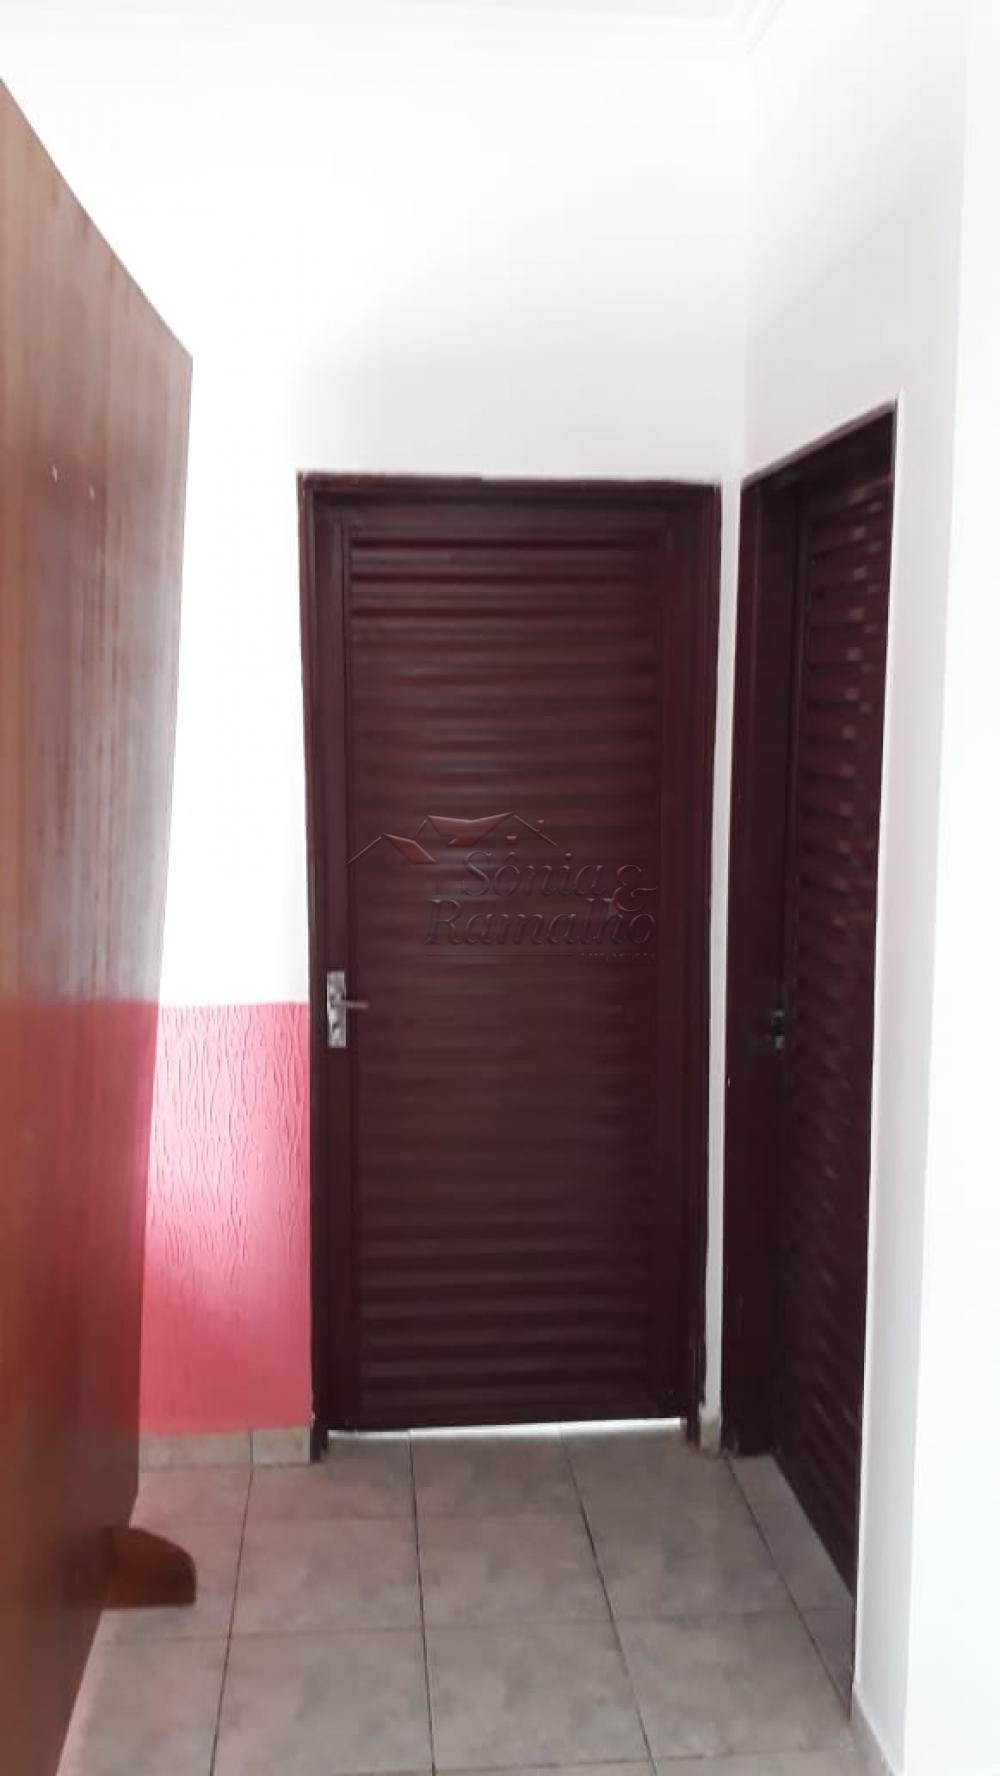 Alugar Comercial / Sala em Ribeirão Preto apenas R$ 850,00 - Foto 17